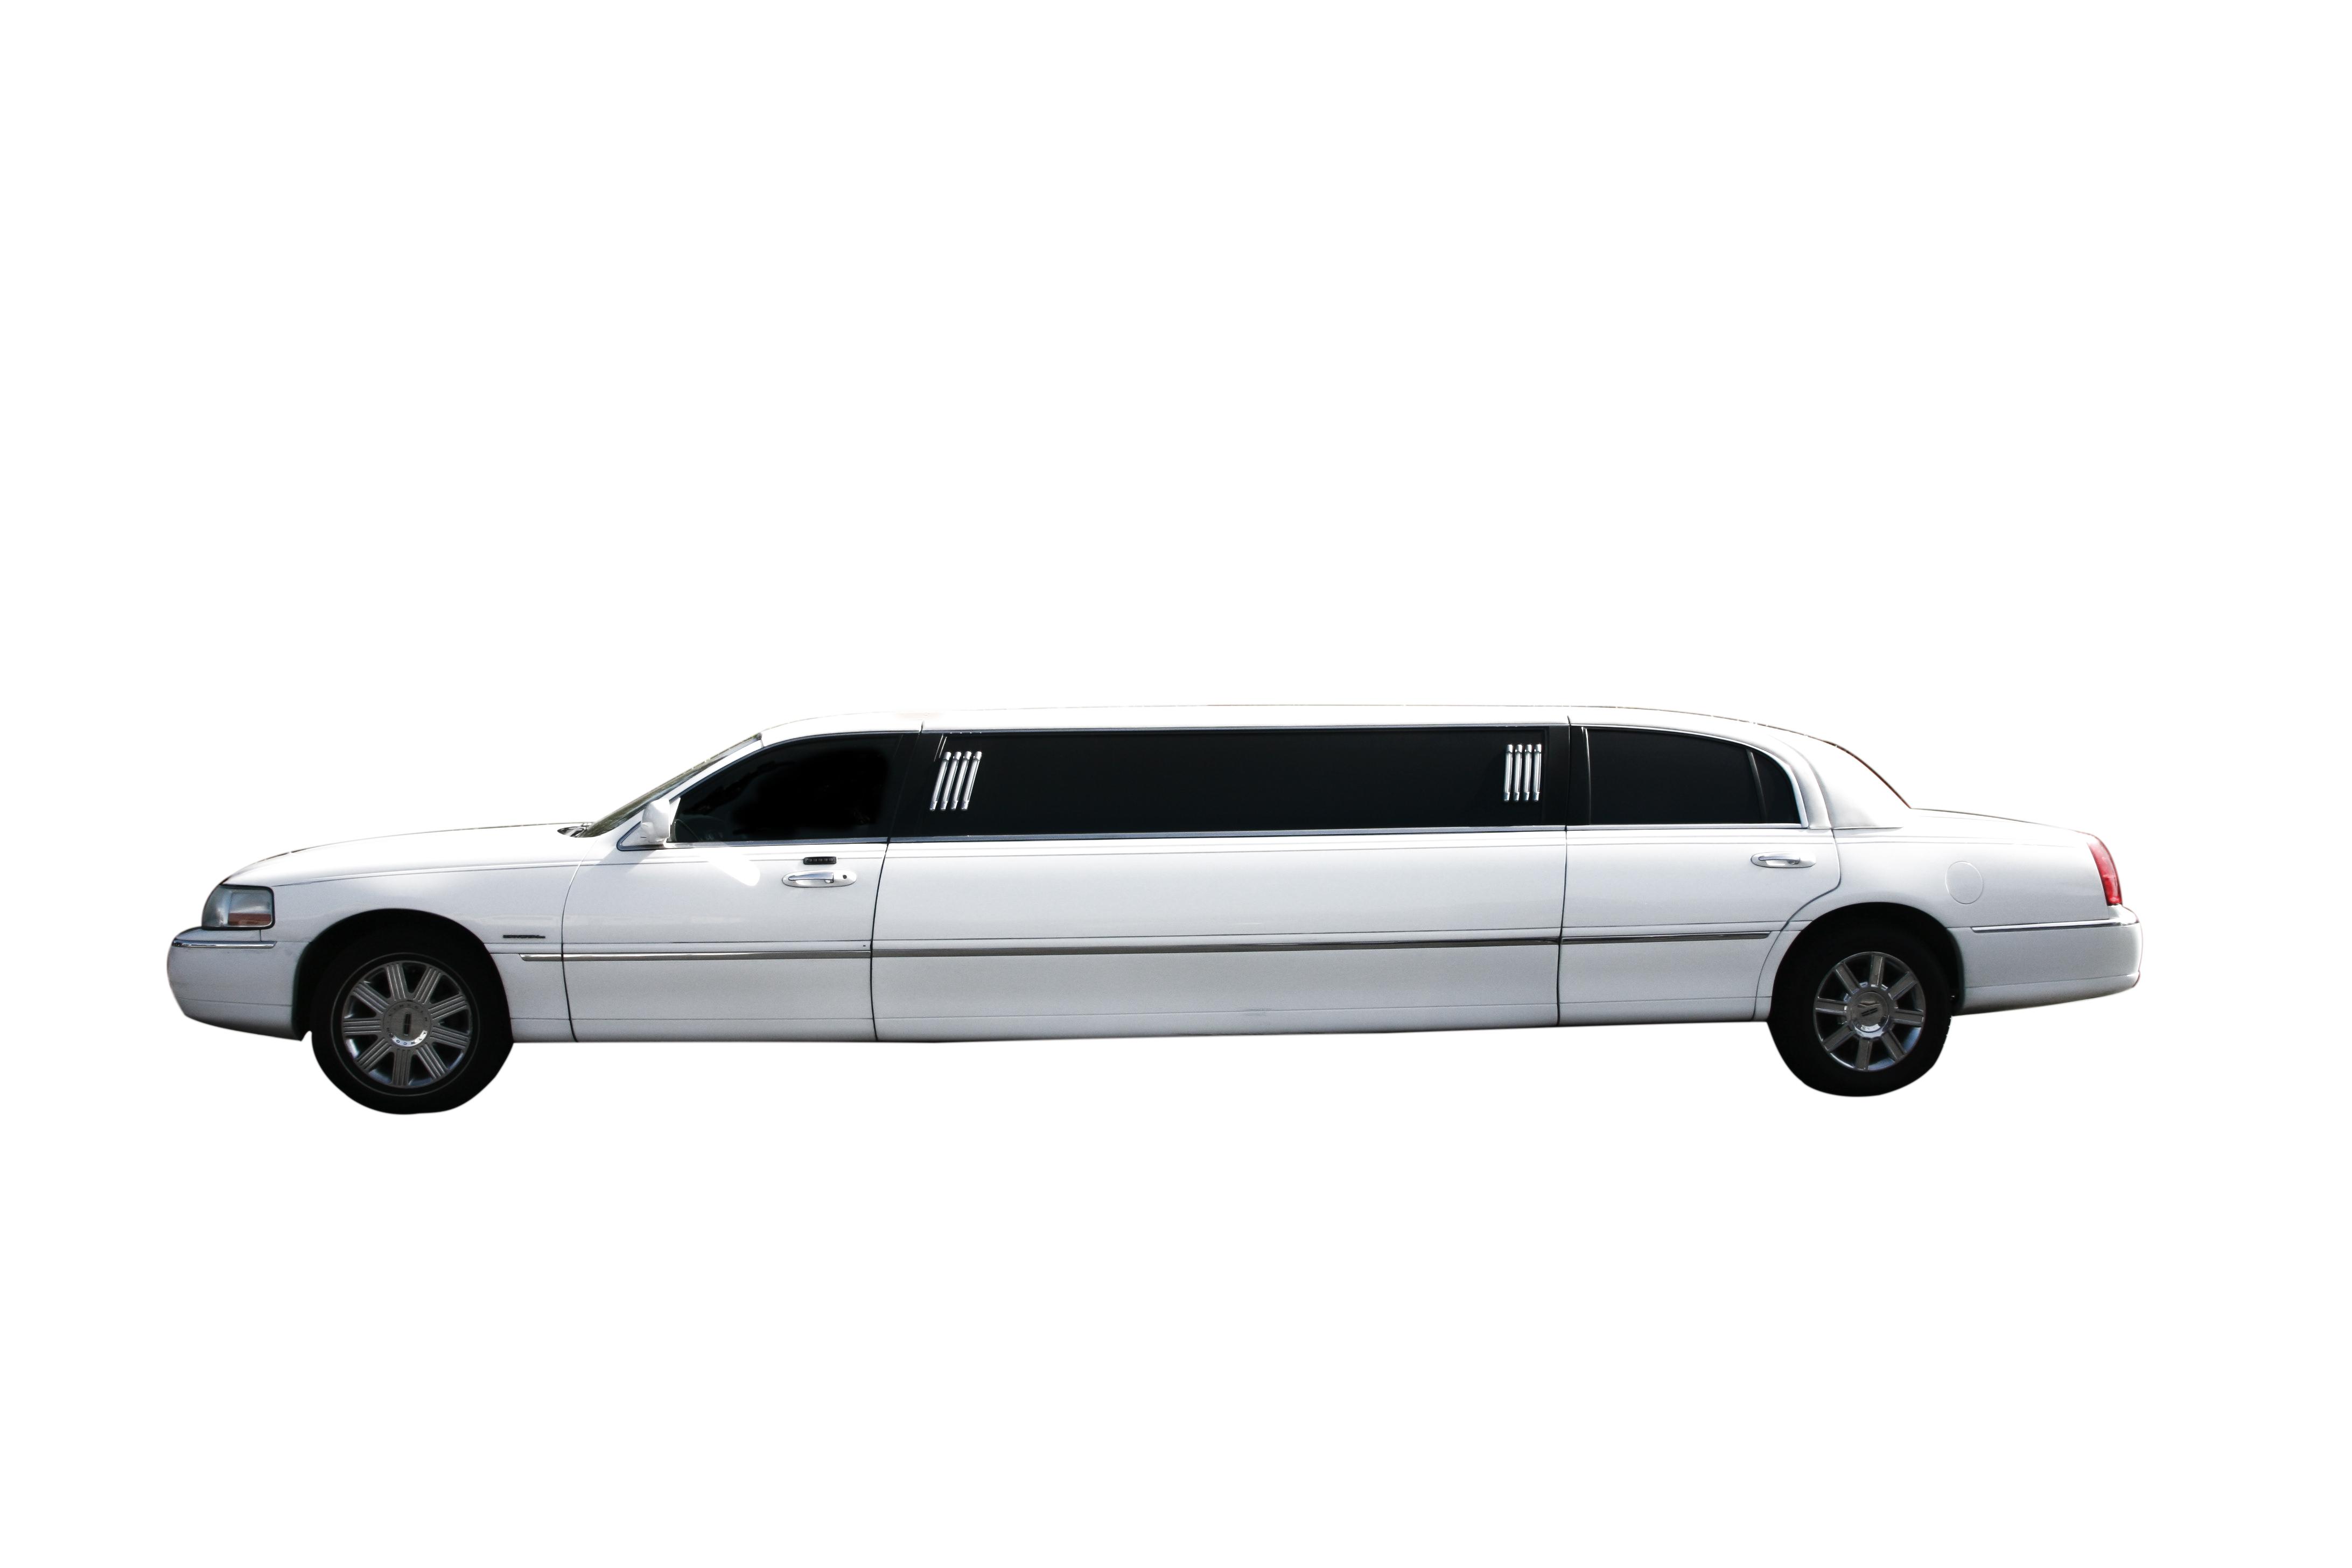 white limo on white